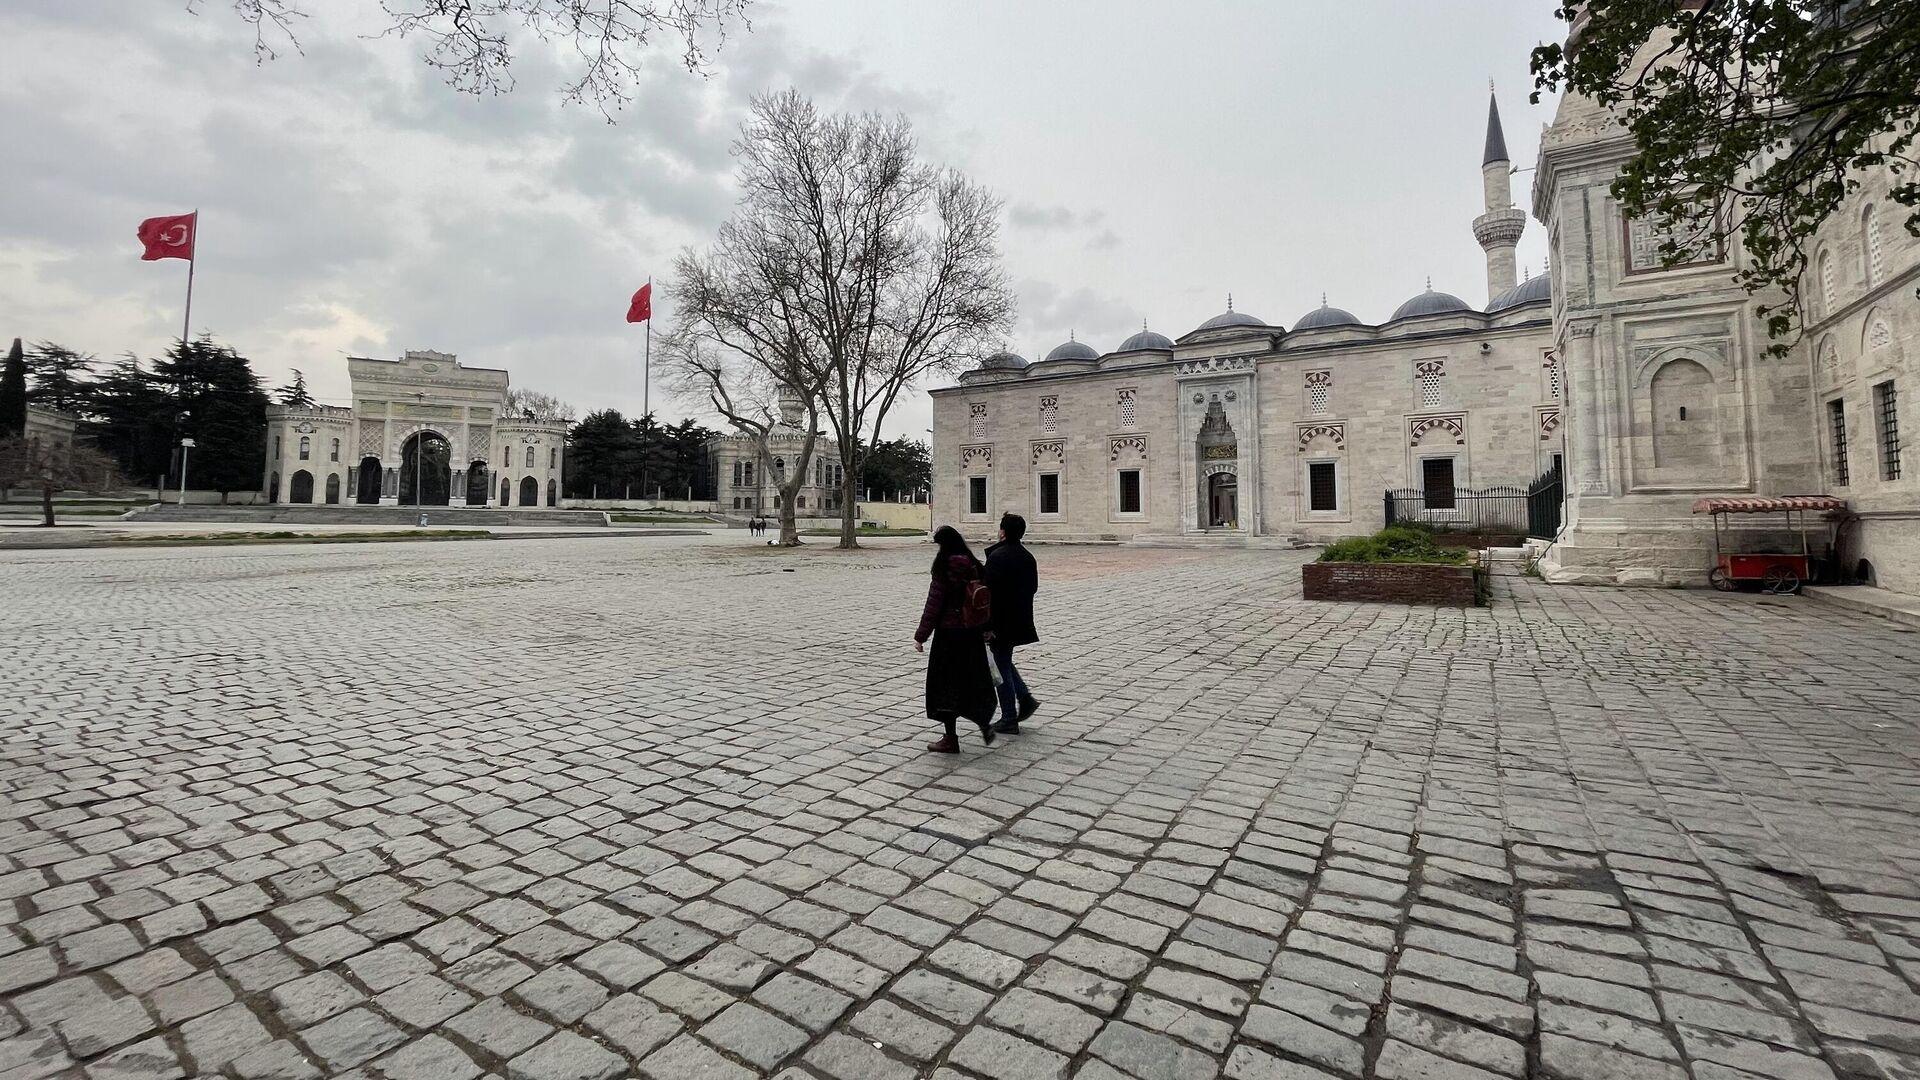 Люди на площади возле мечети в Стамбуле - РИА Новости, 1920, 18.06.2021